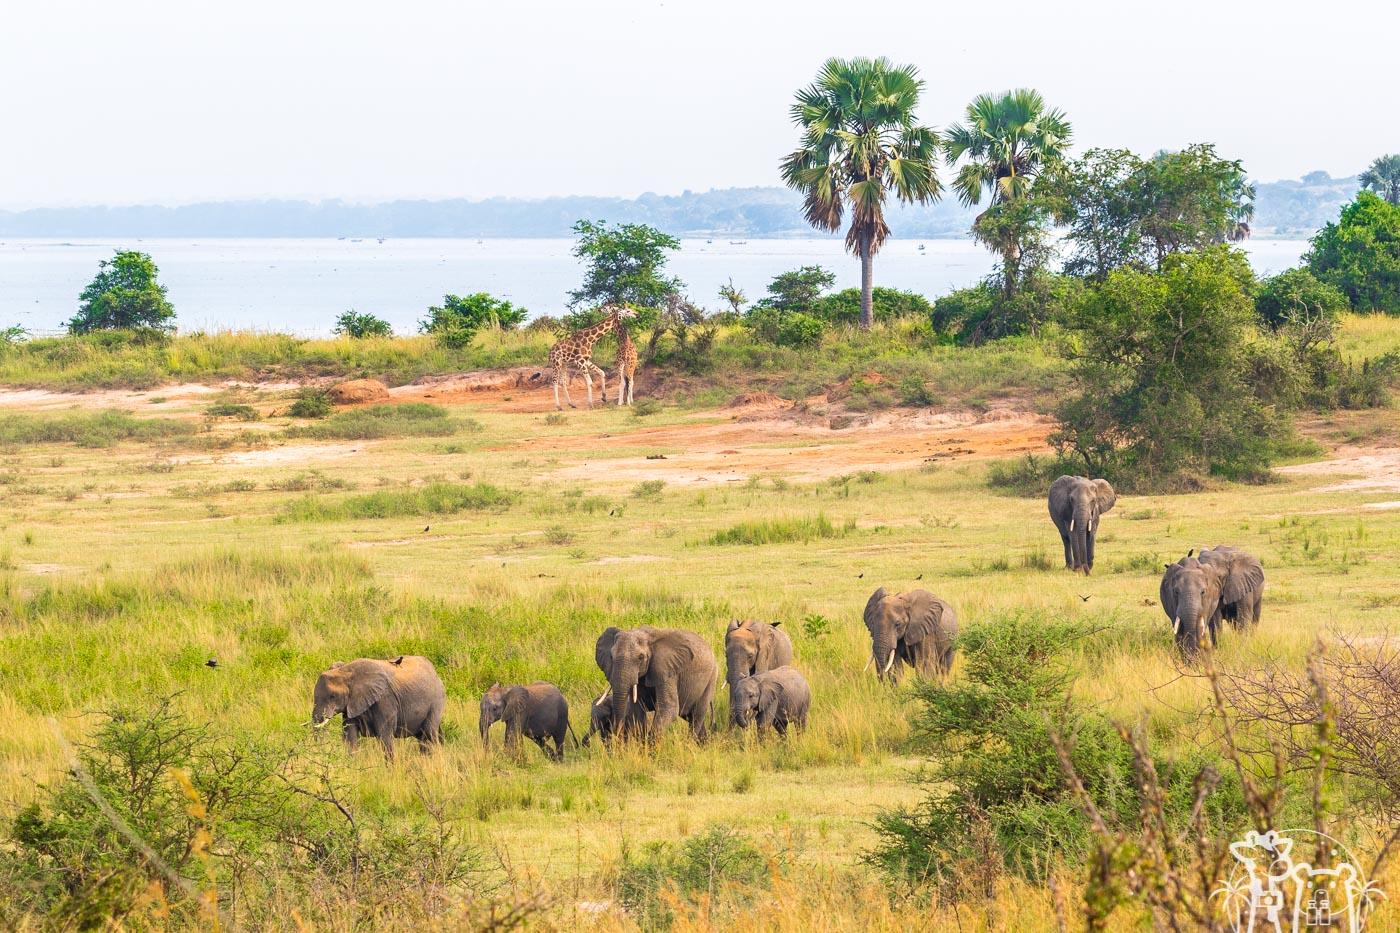 galerie-elephants-girafes-ouganda